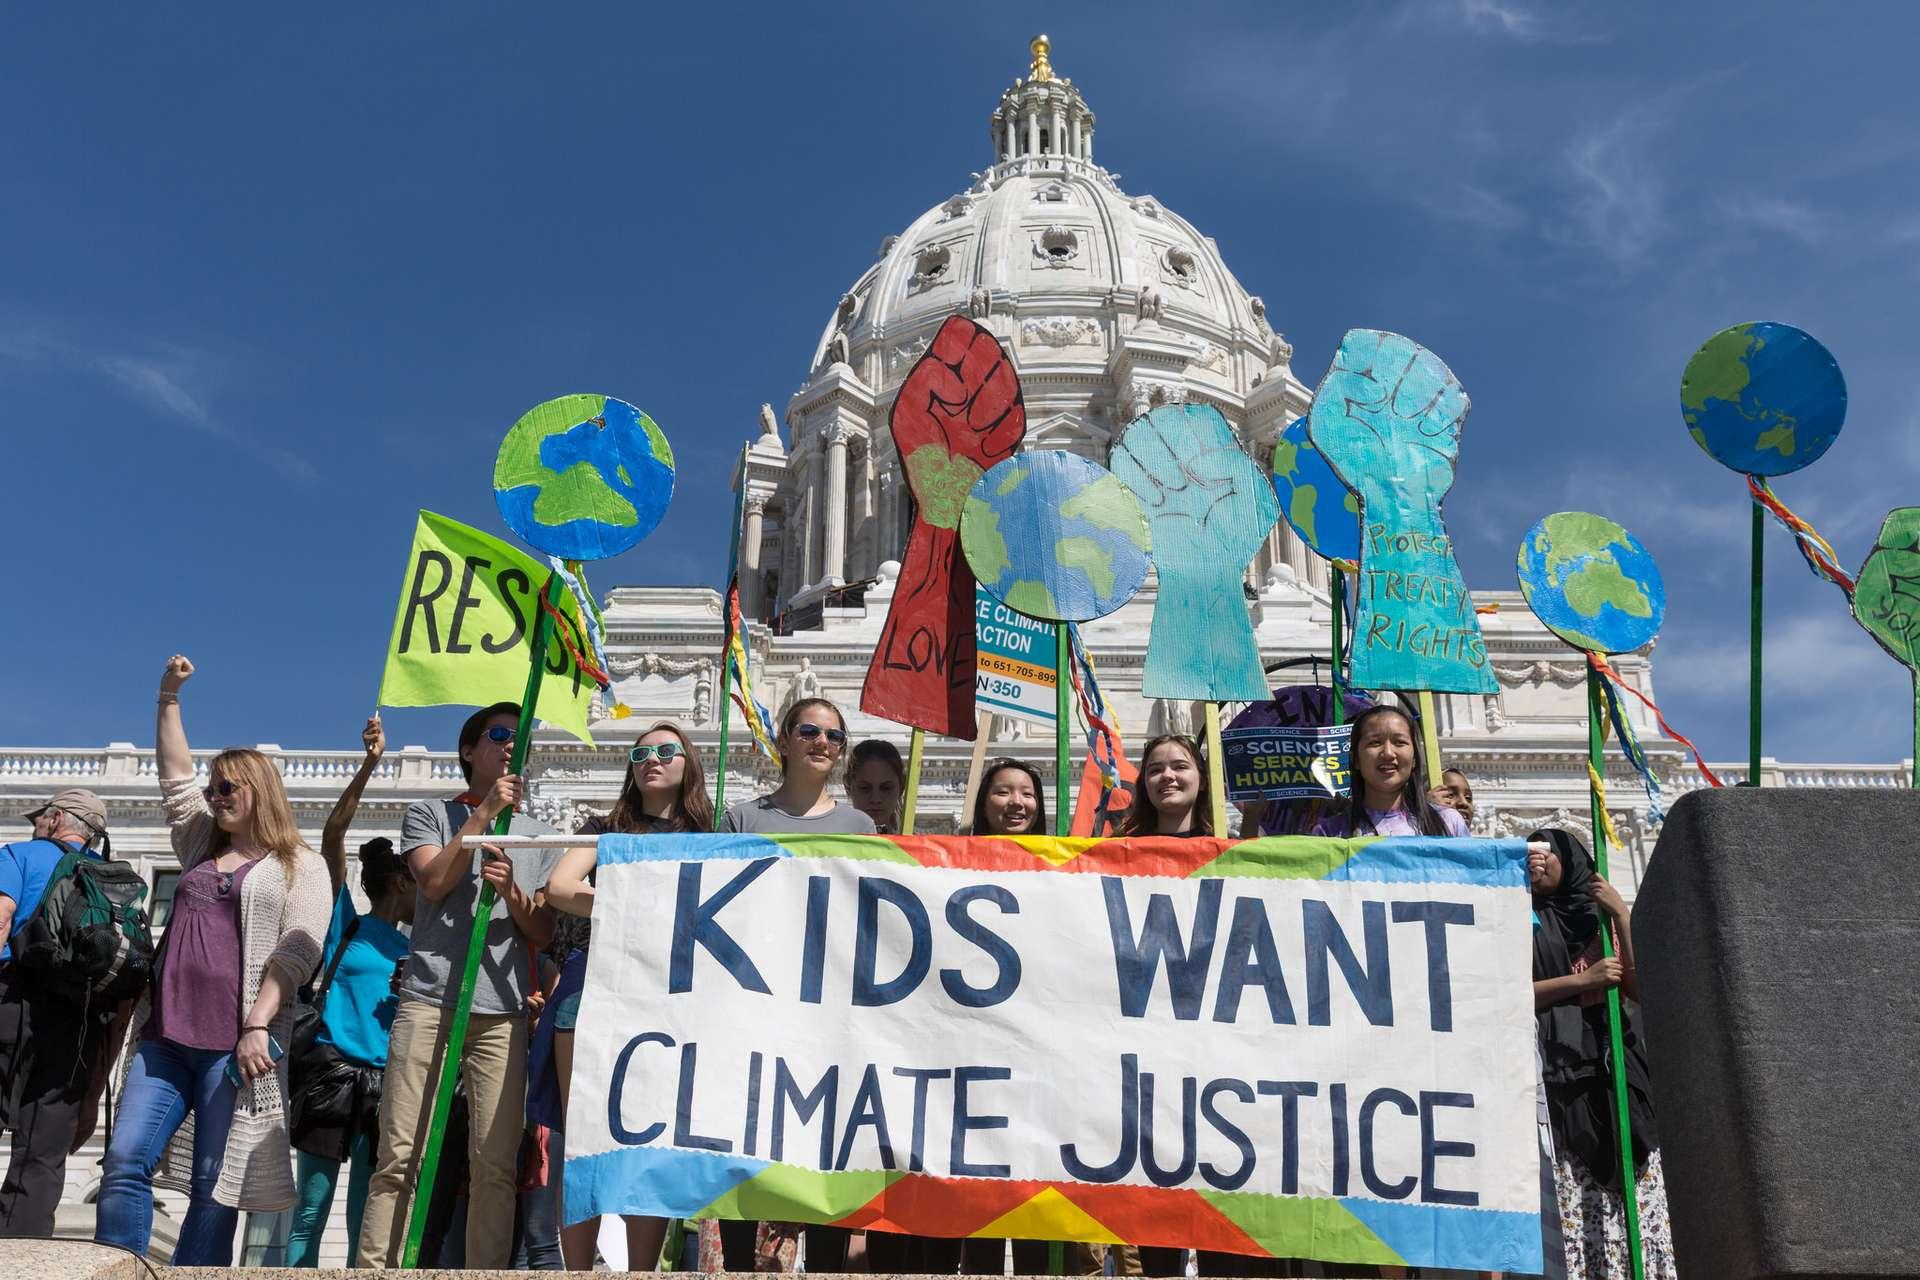 La jeunesse mondiale se mobilise le 15 mars 2019 pour la « Grève pour le climat » et la « Marche du Siècle » prendra le relais en France le 16 mars 2019, pour manifester contre le changement climatique et l'inaction politique. © Lorie Shaull, Flickr, CC By-SA 2.0